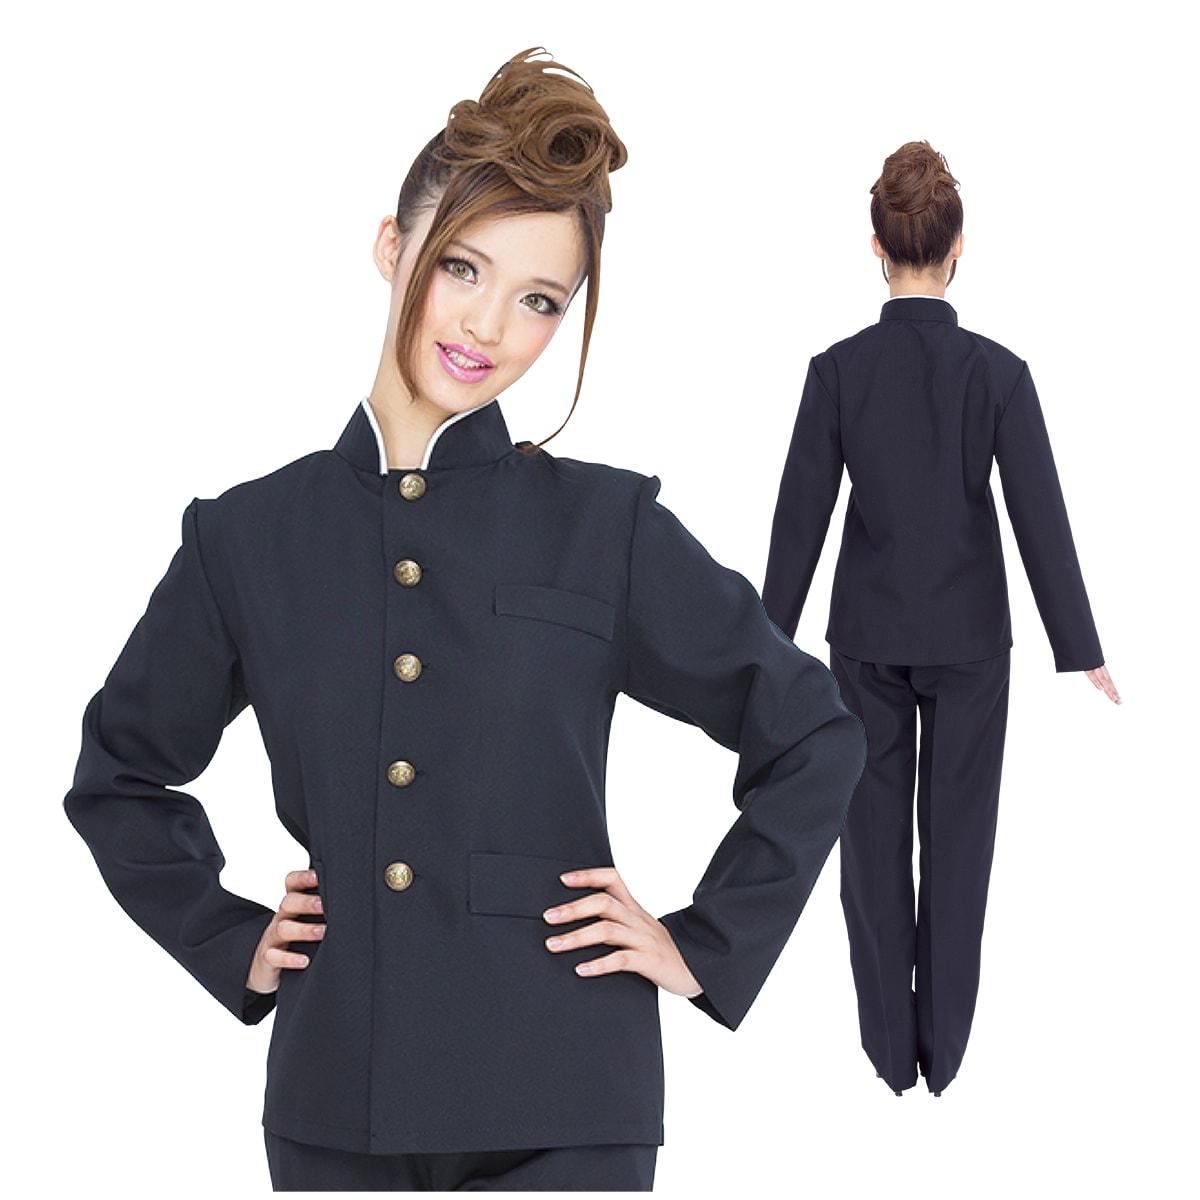 PUREネット通販で購入可能な男装に使えそうな女性用の学ラン